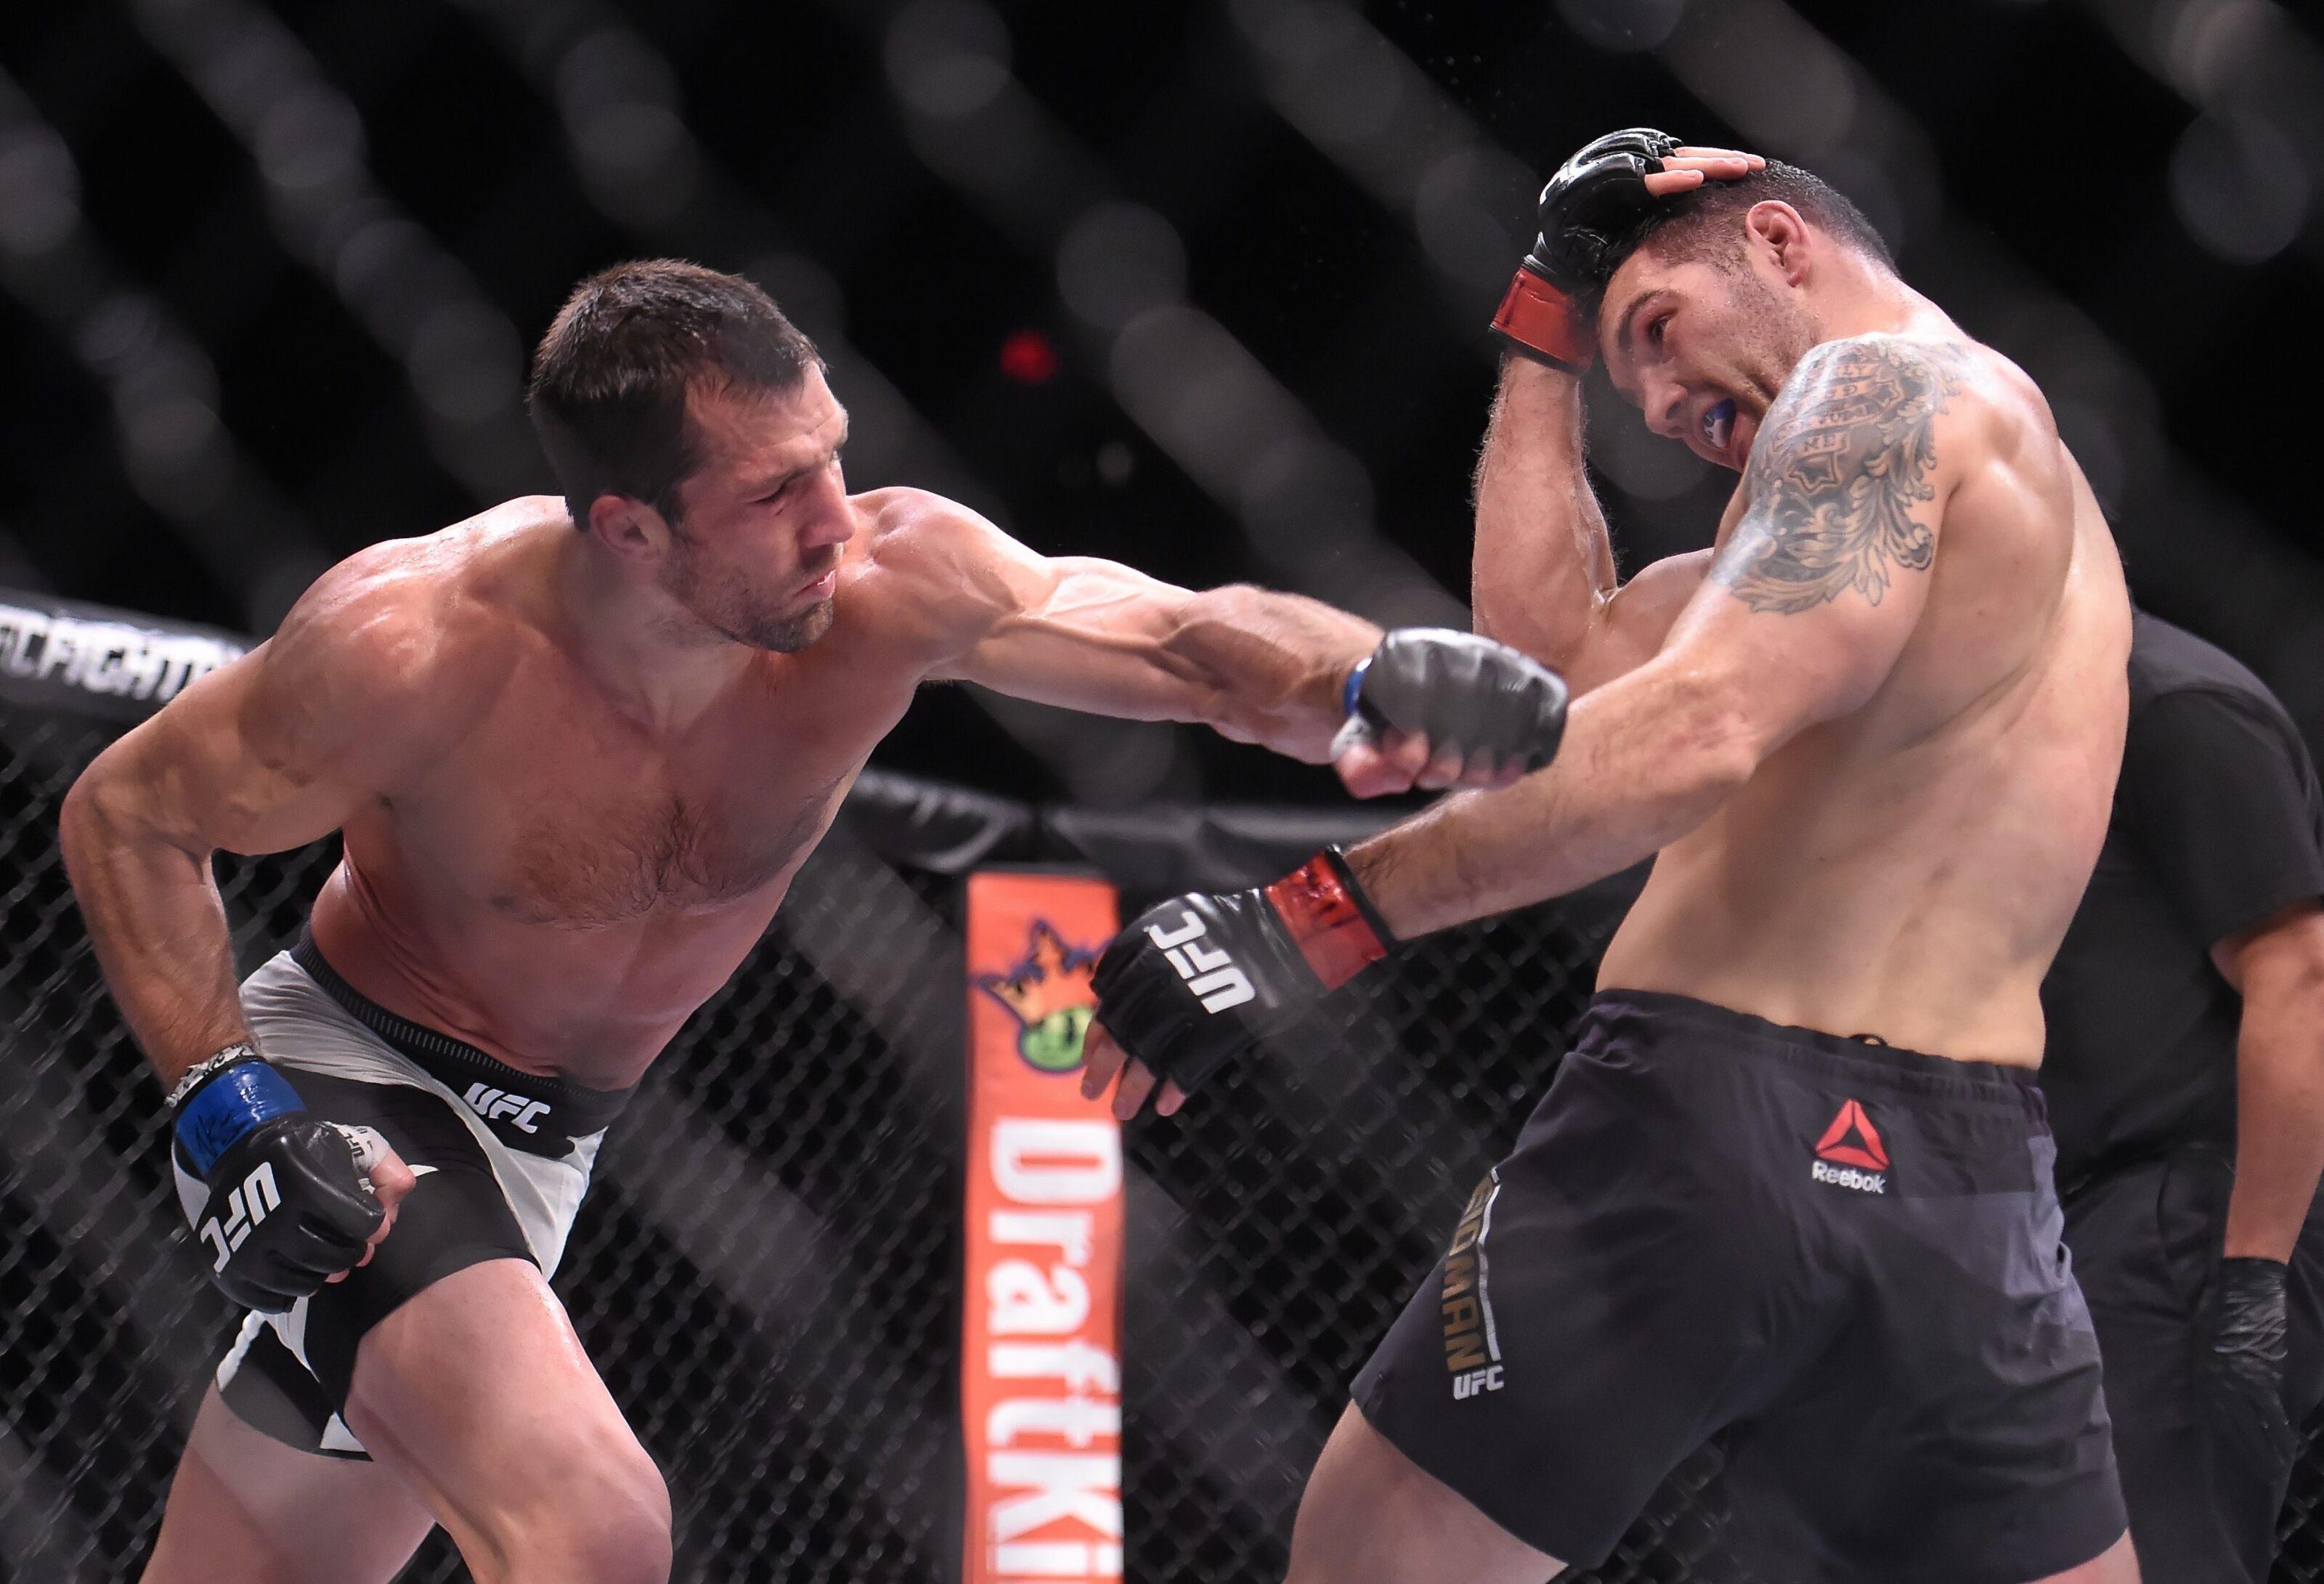 UFC 230: Chris Weidman vs. Luke Rockhold 2 is officially on